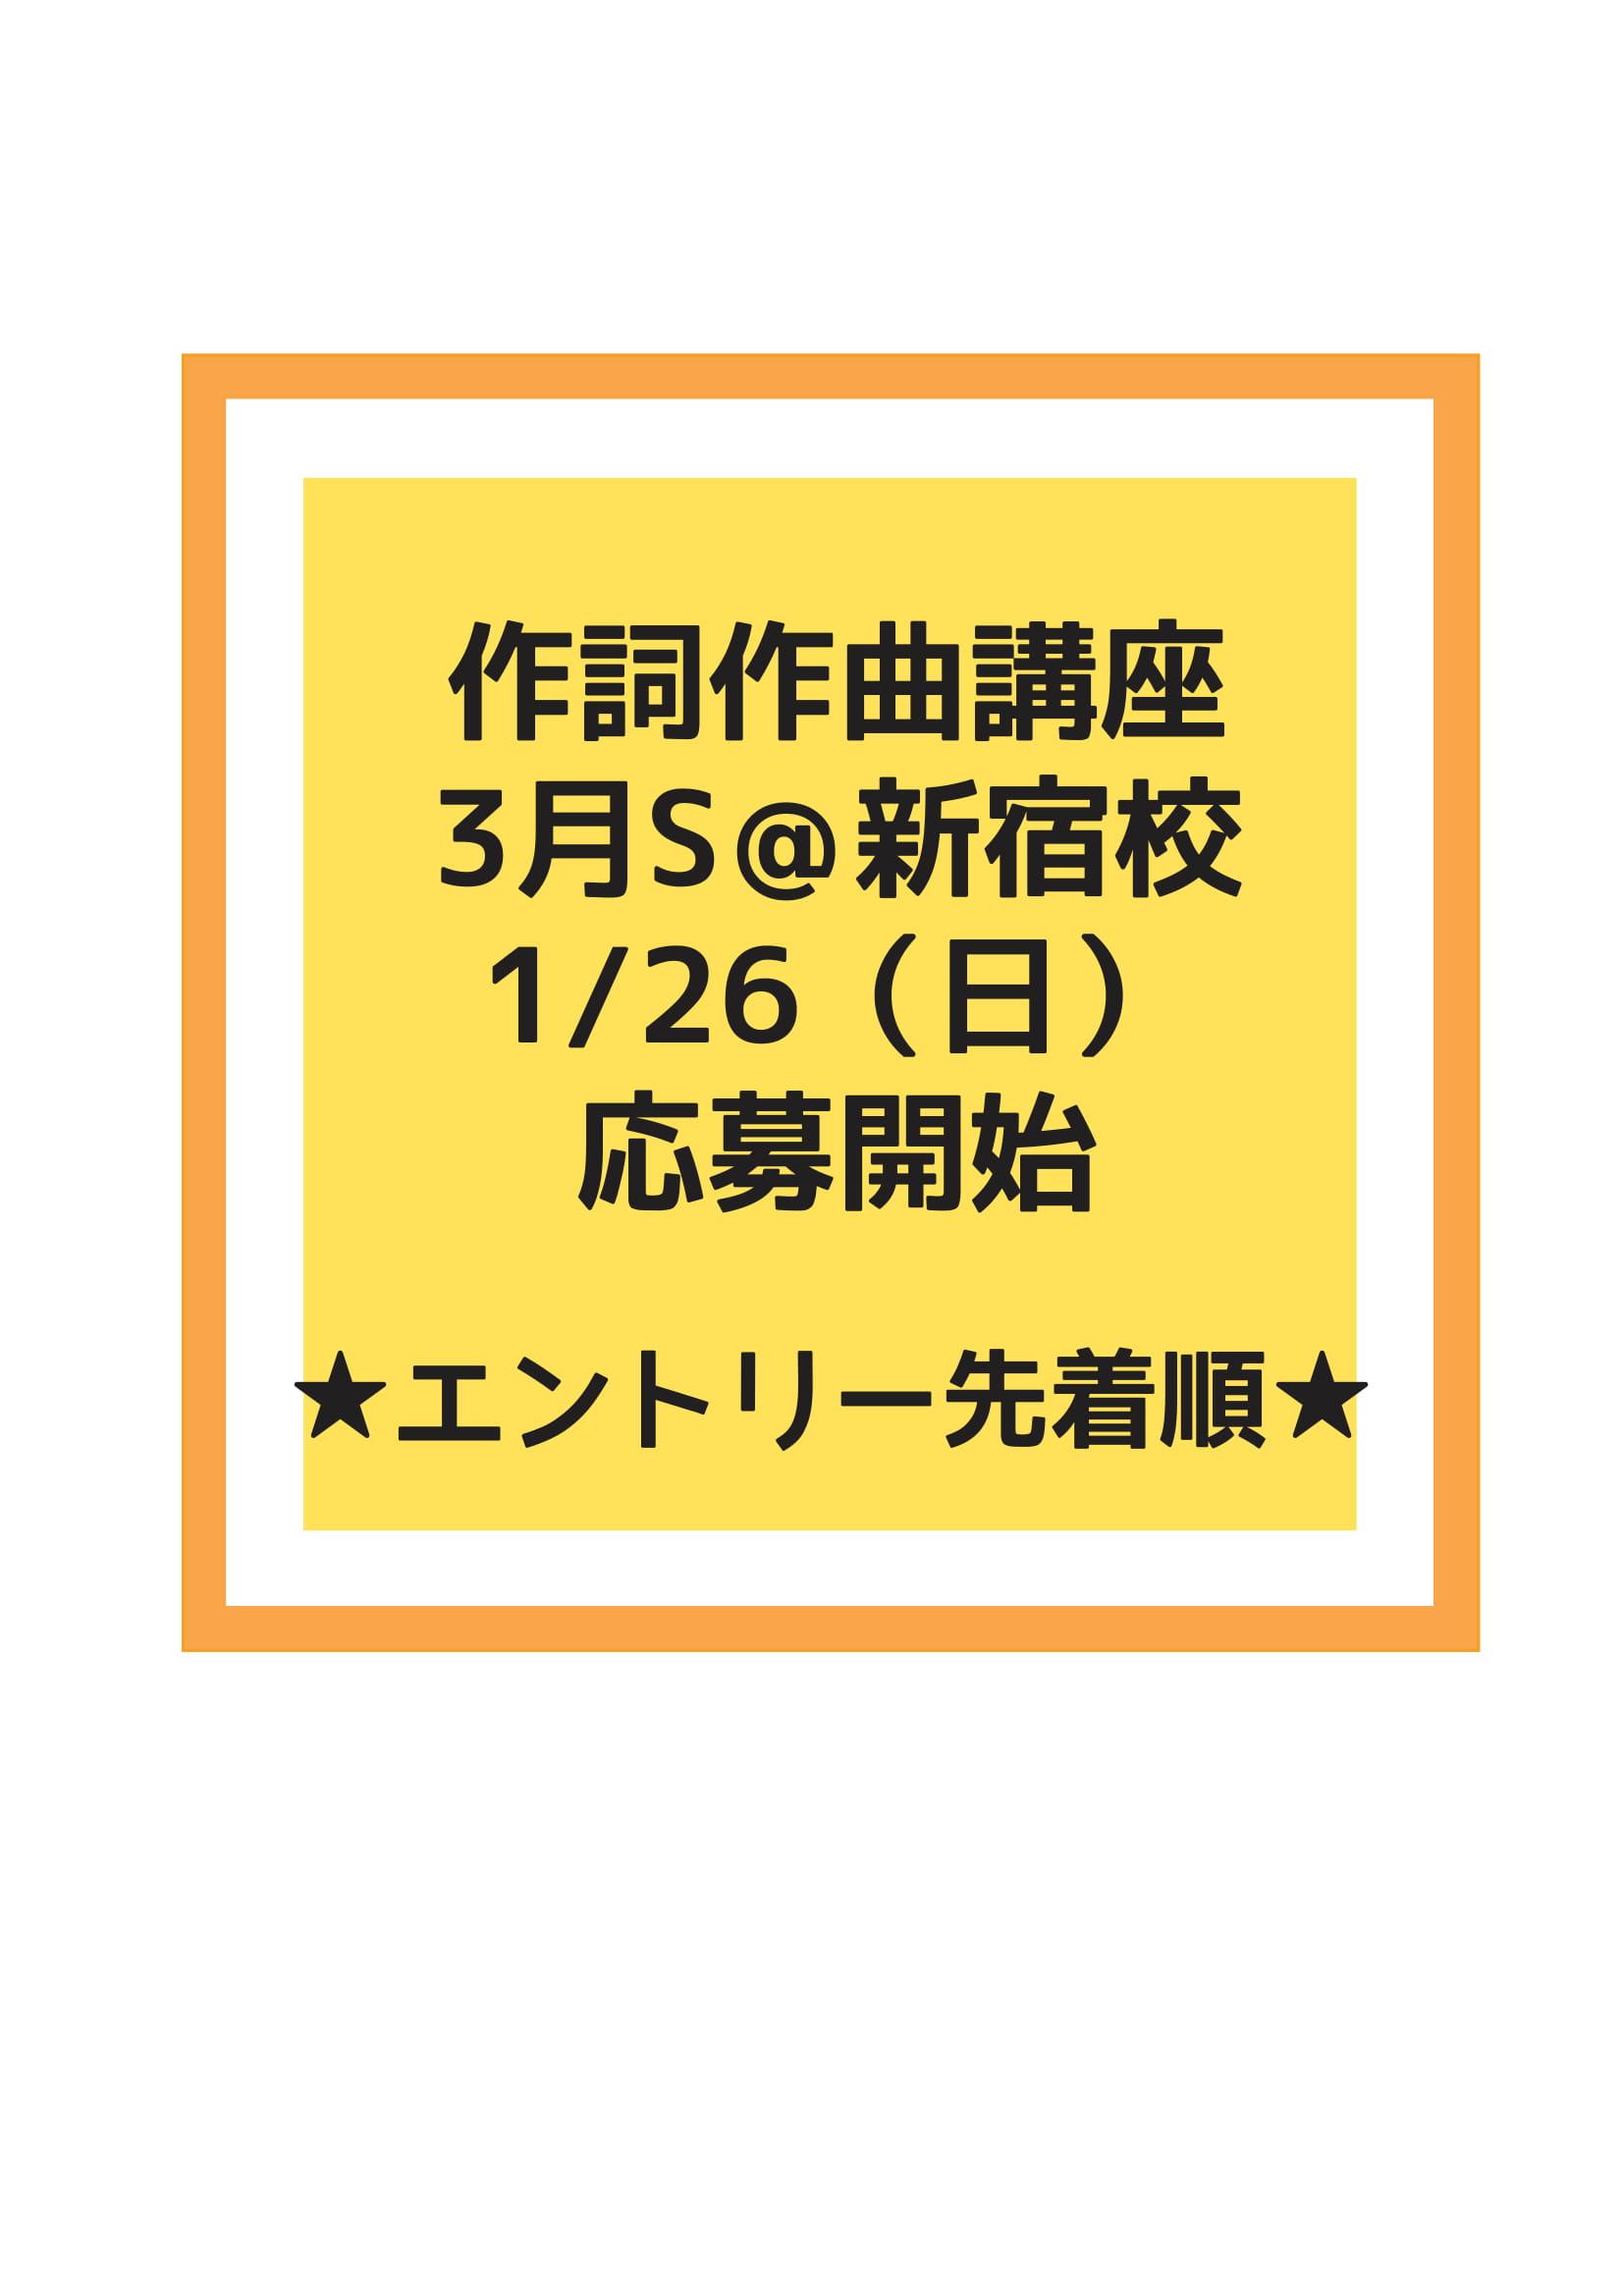 【作詞作曲講座】3月からスタート!(会場:VOAT新宿校)